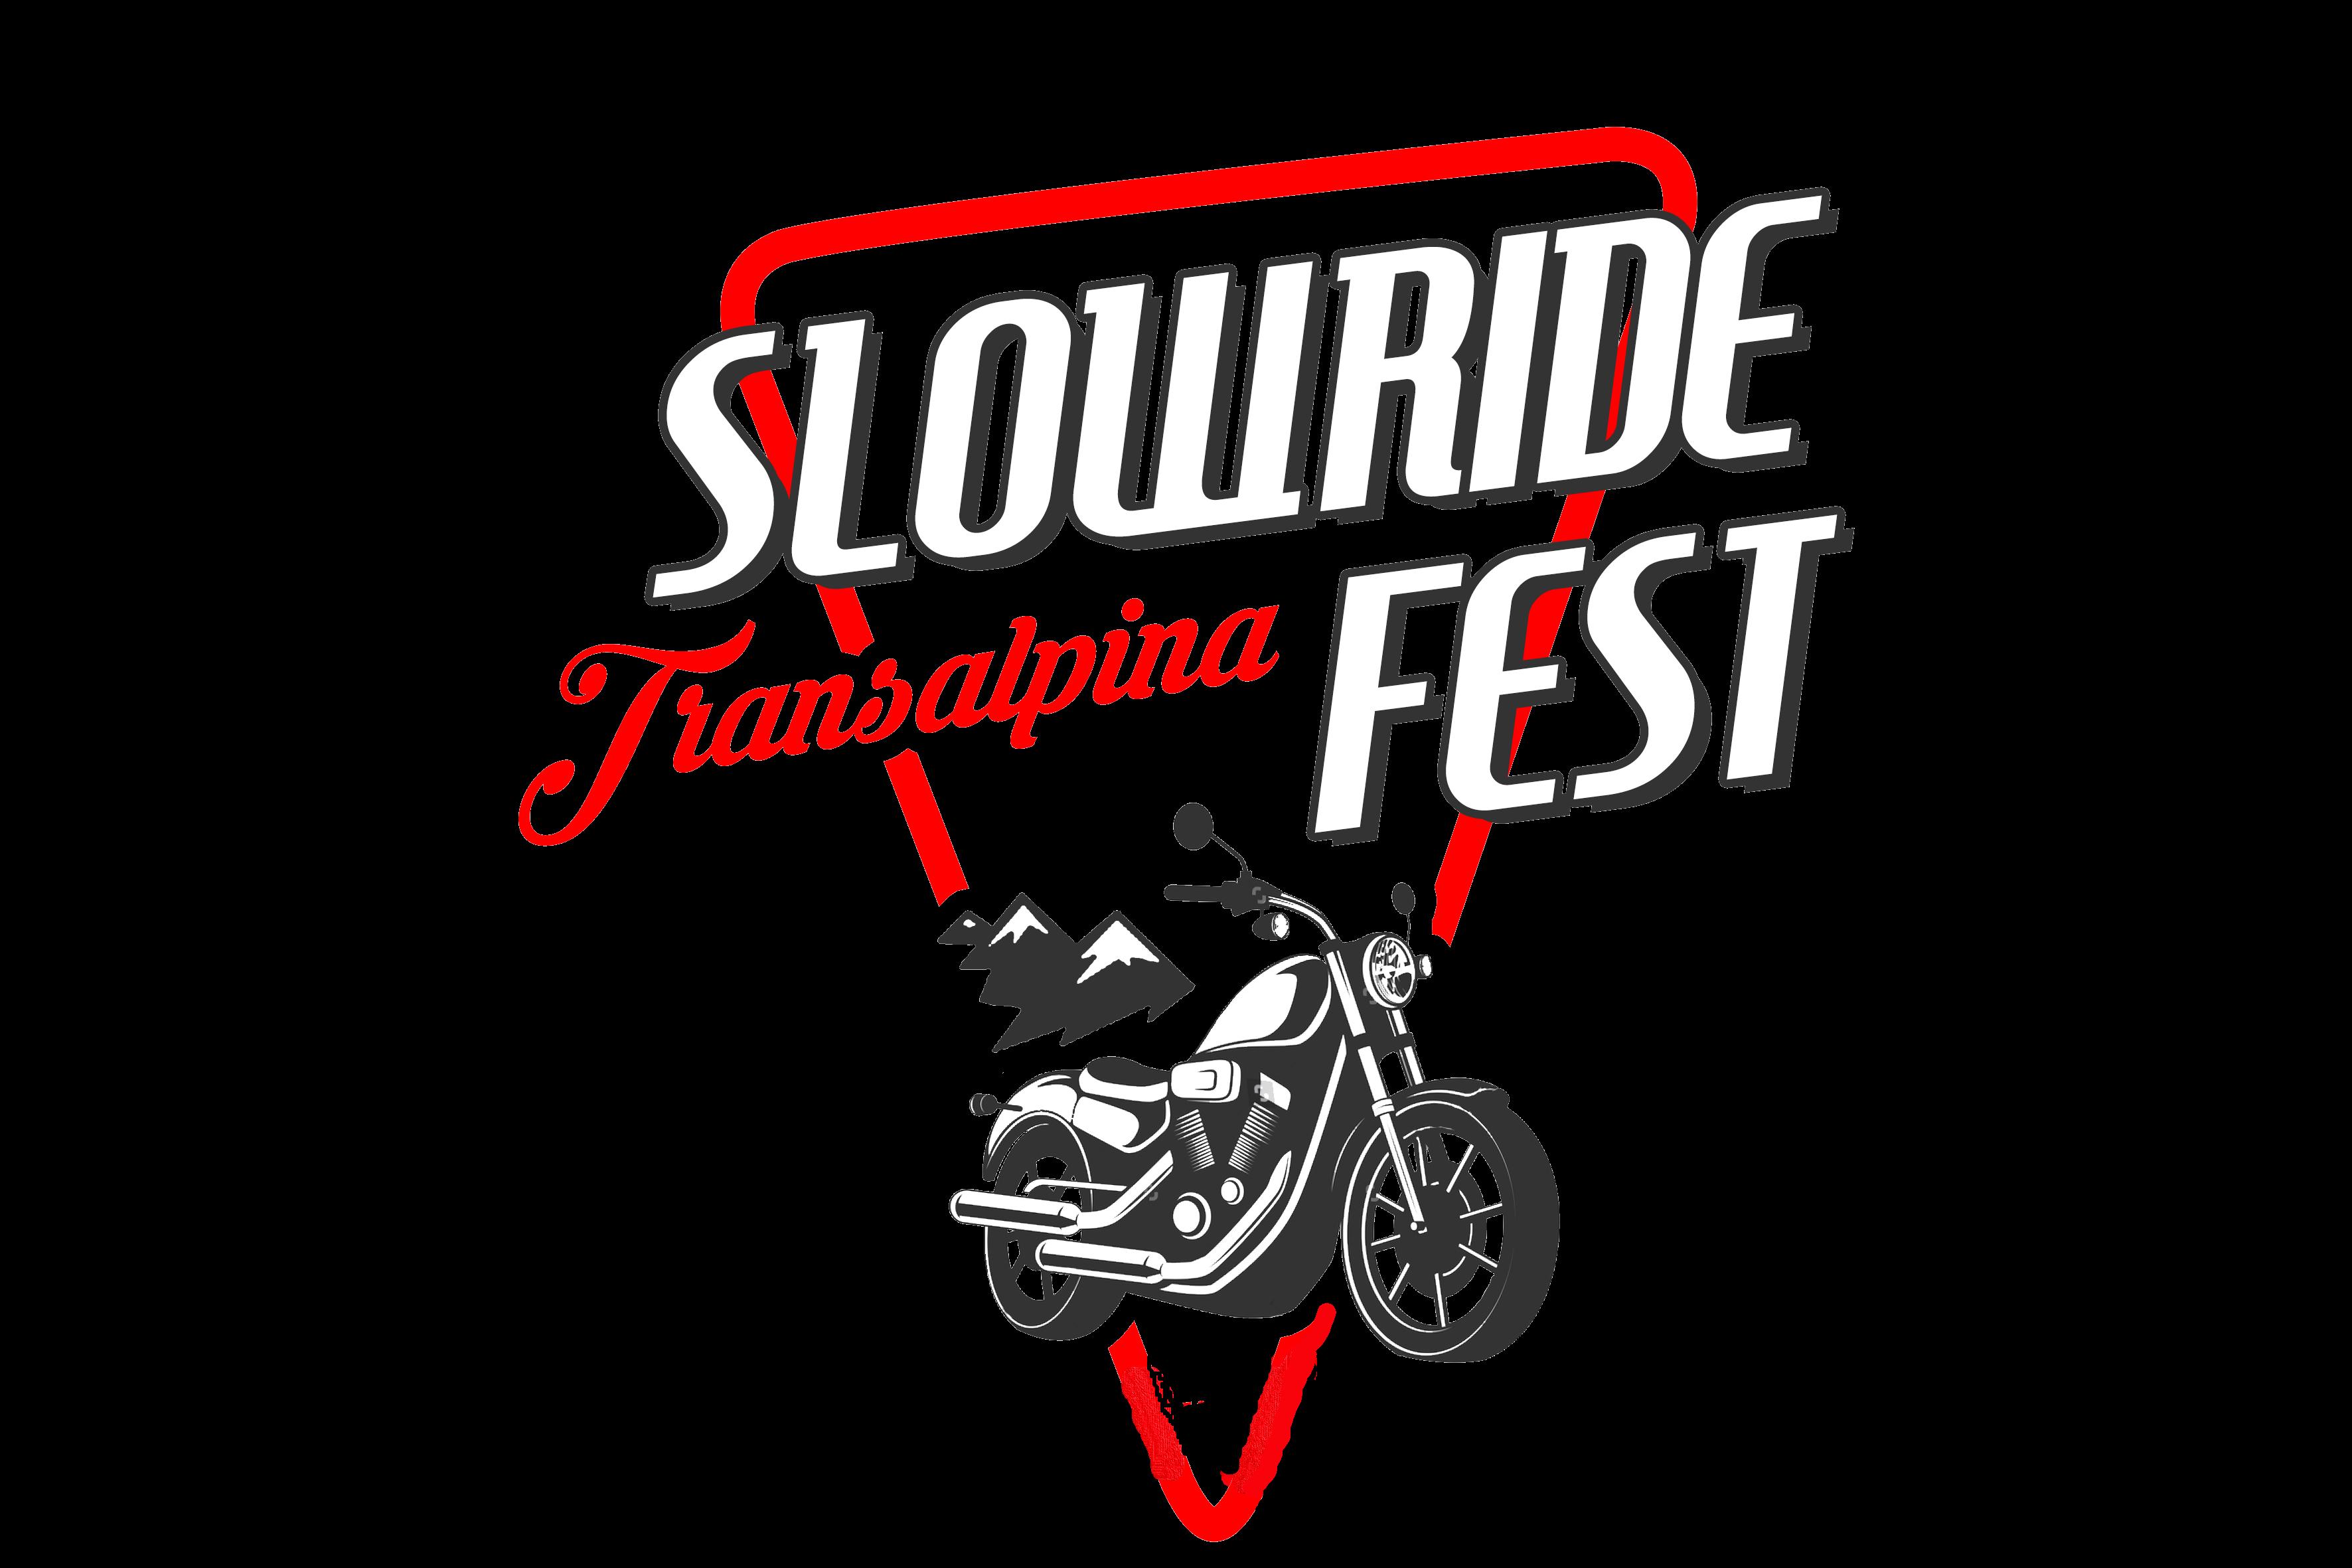 Slowride Transalipina Fest